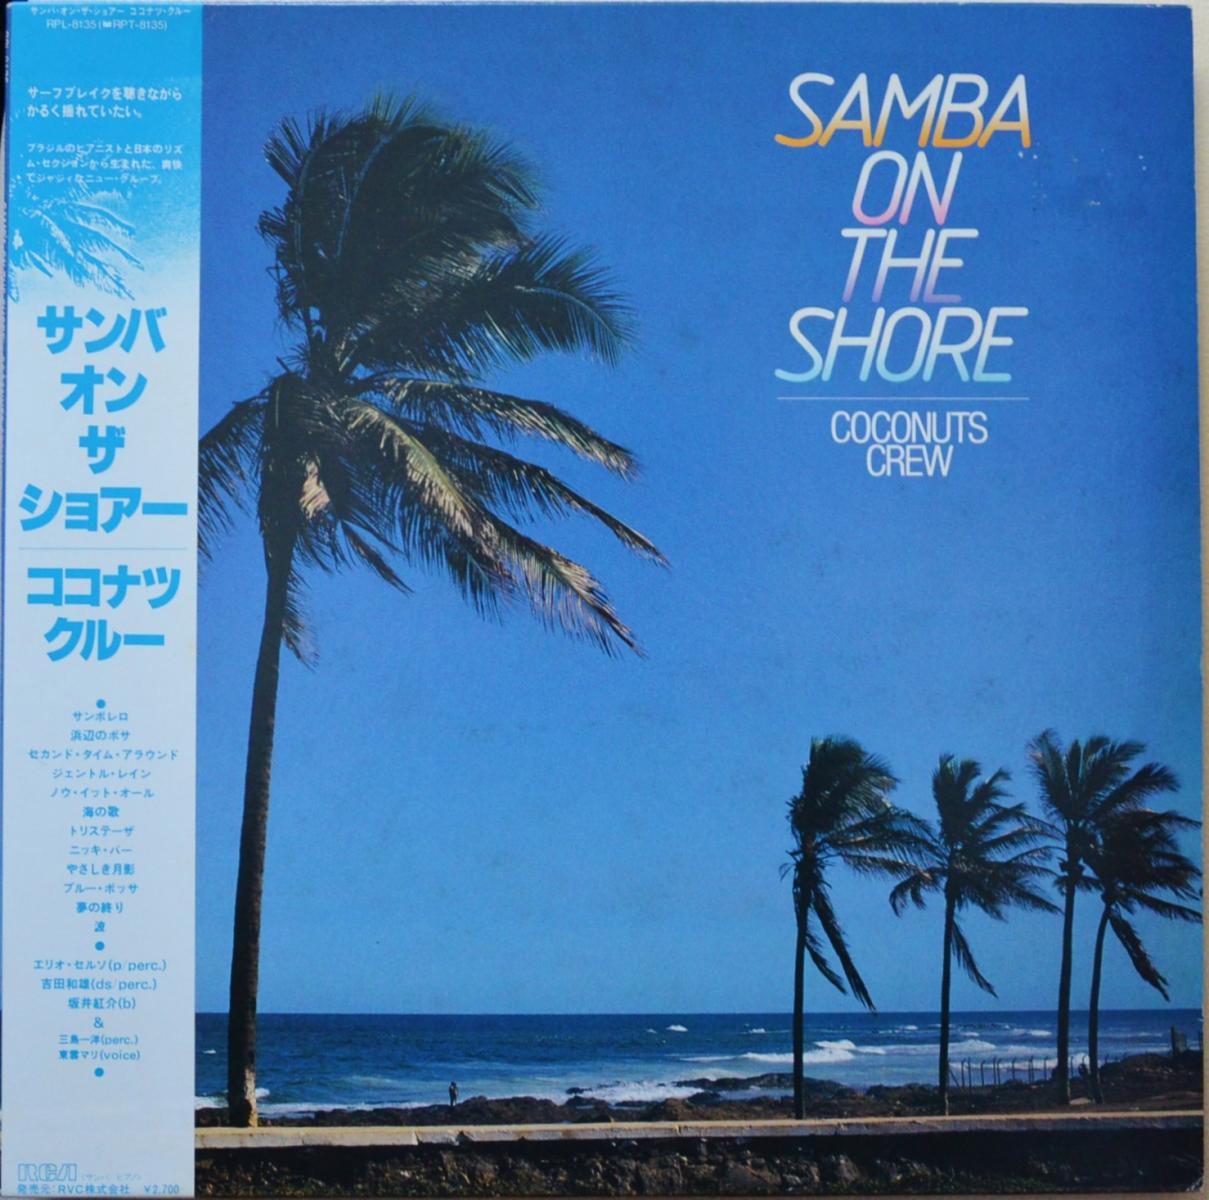 ココナツ・クルー COCONUTS CREW / サンバ・オン・ザ・ショアー SAMBA ON THE SHORE (LP)